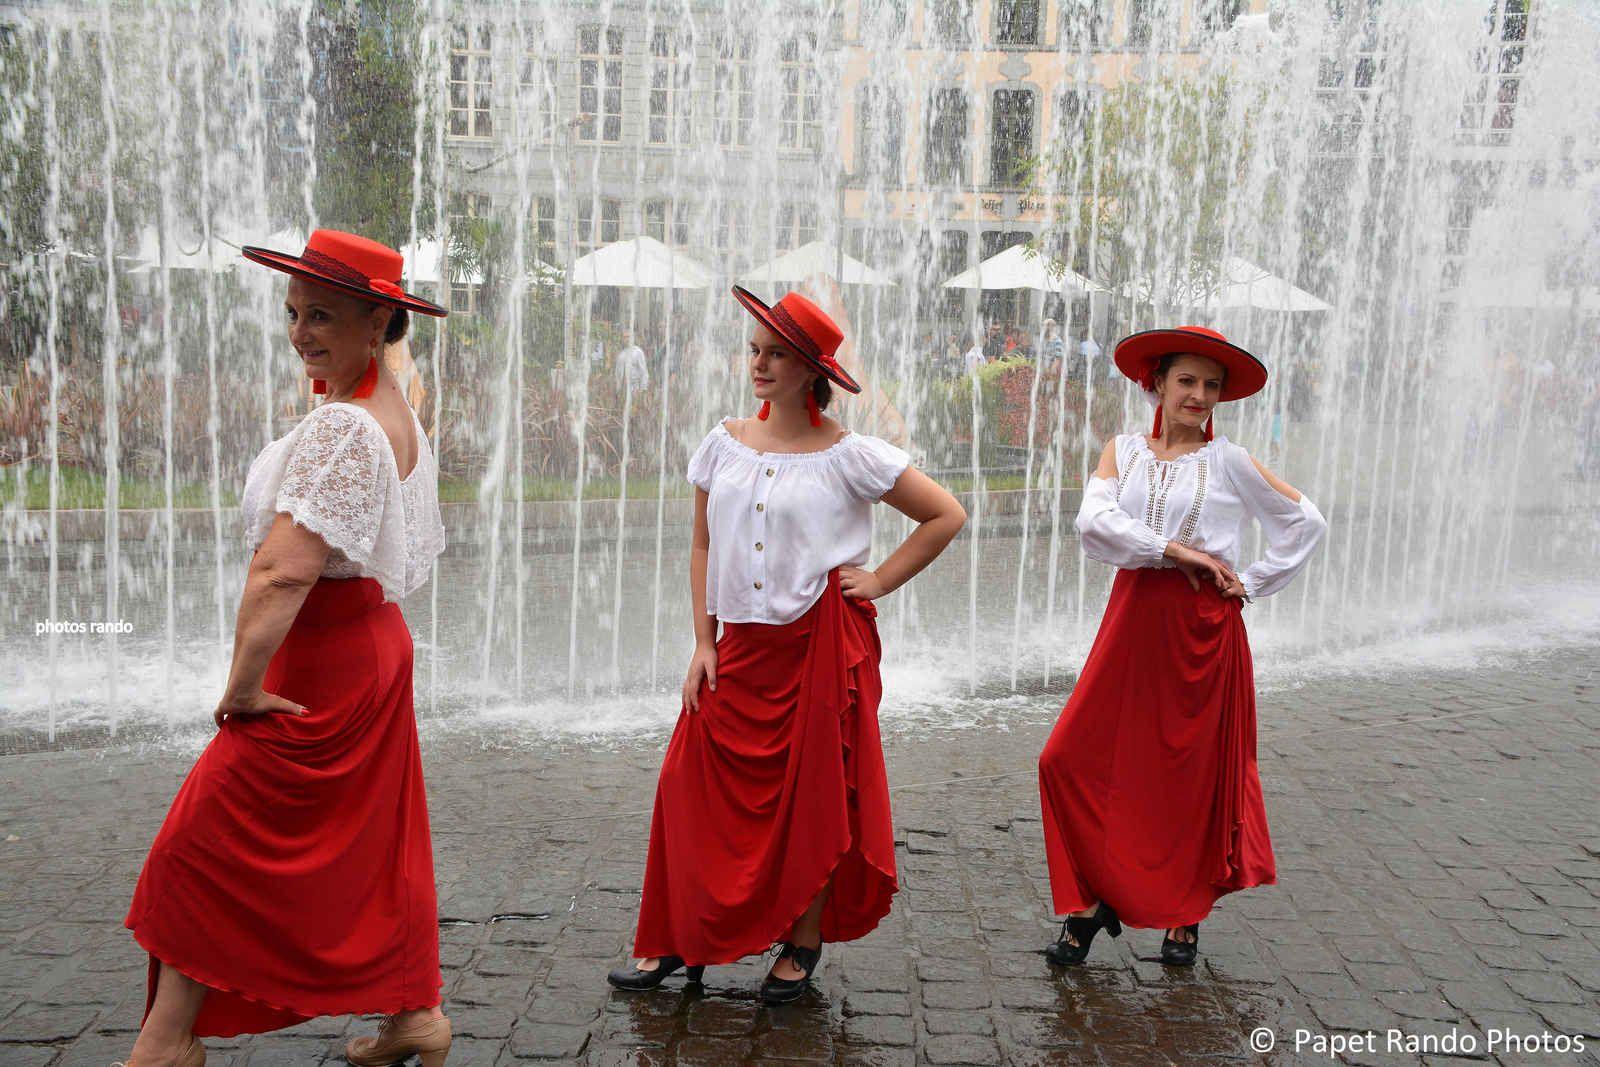 Un des meilleur groupe de Flamenco, de La Louviere , ici sur la Grand Place de Mons, toujoursun spectacle digne de Seville VIVA FLAMENCO